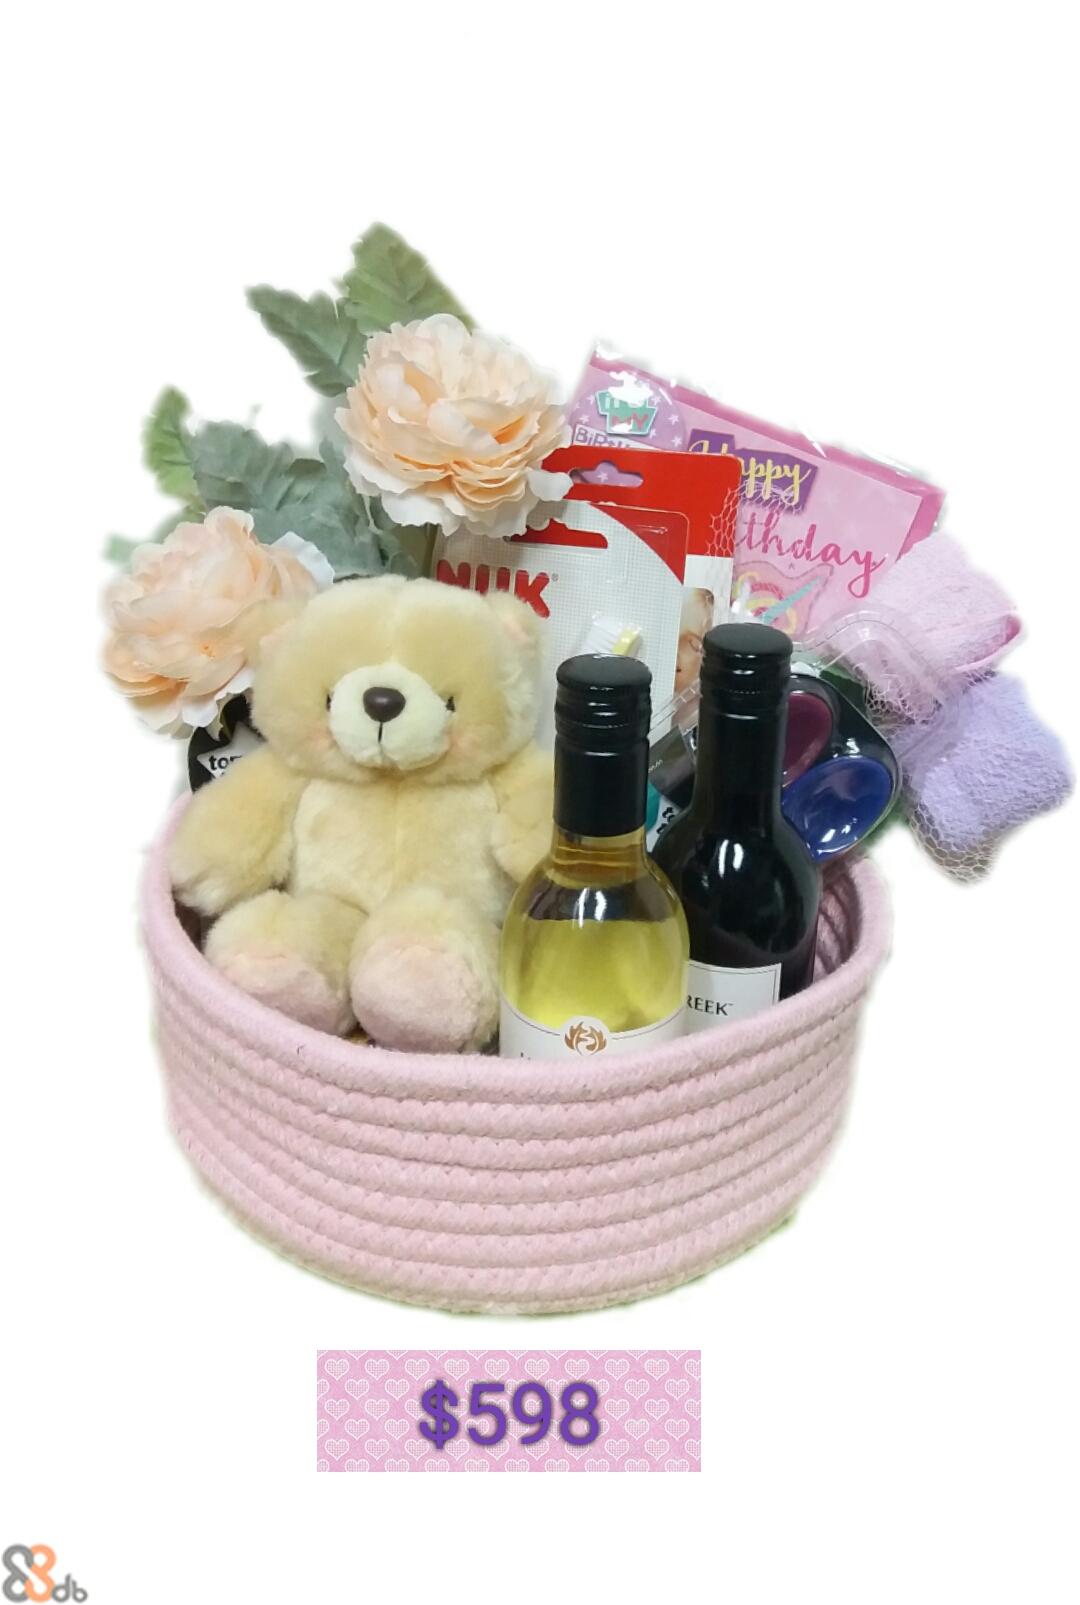 tor EEK $598  hamper,gift,gift basket,product,basket